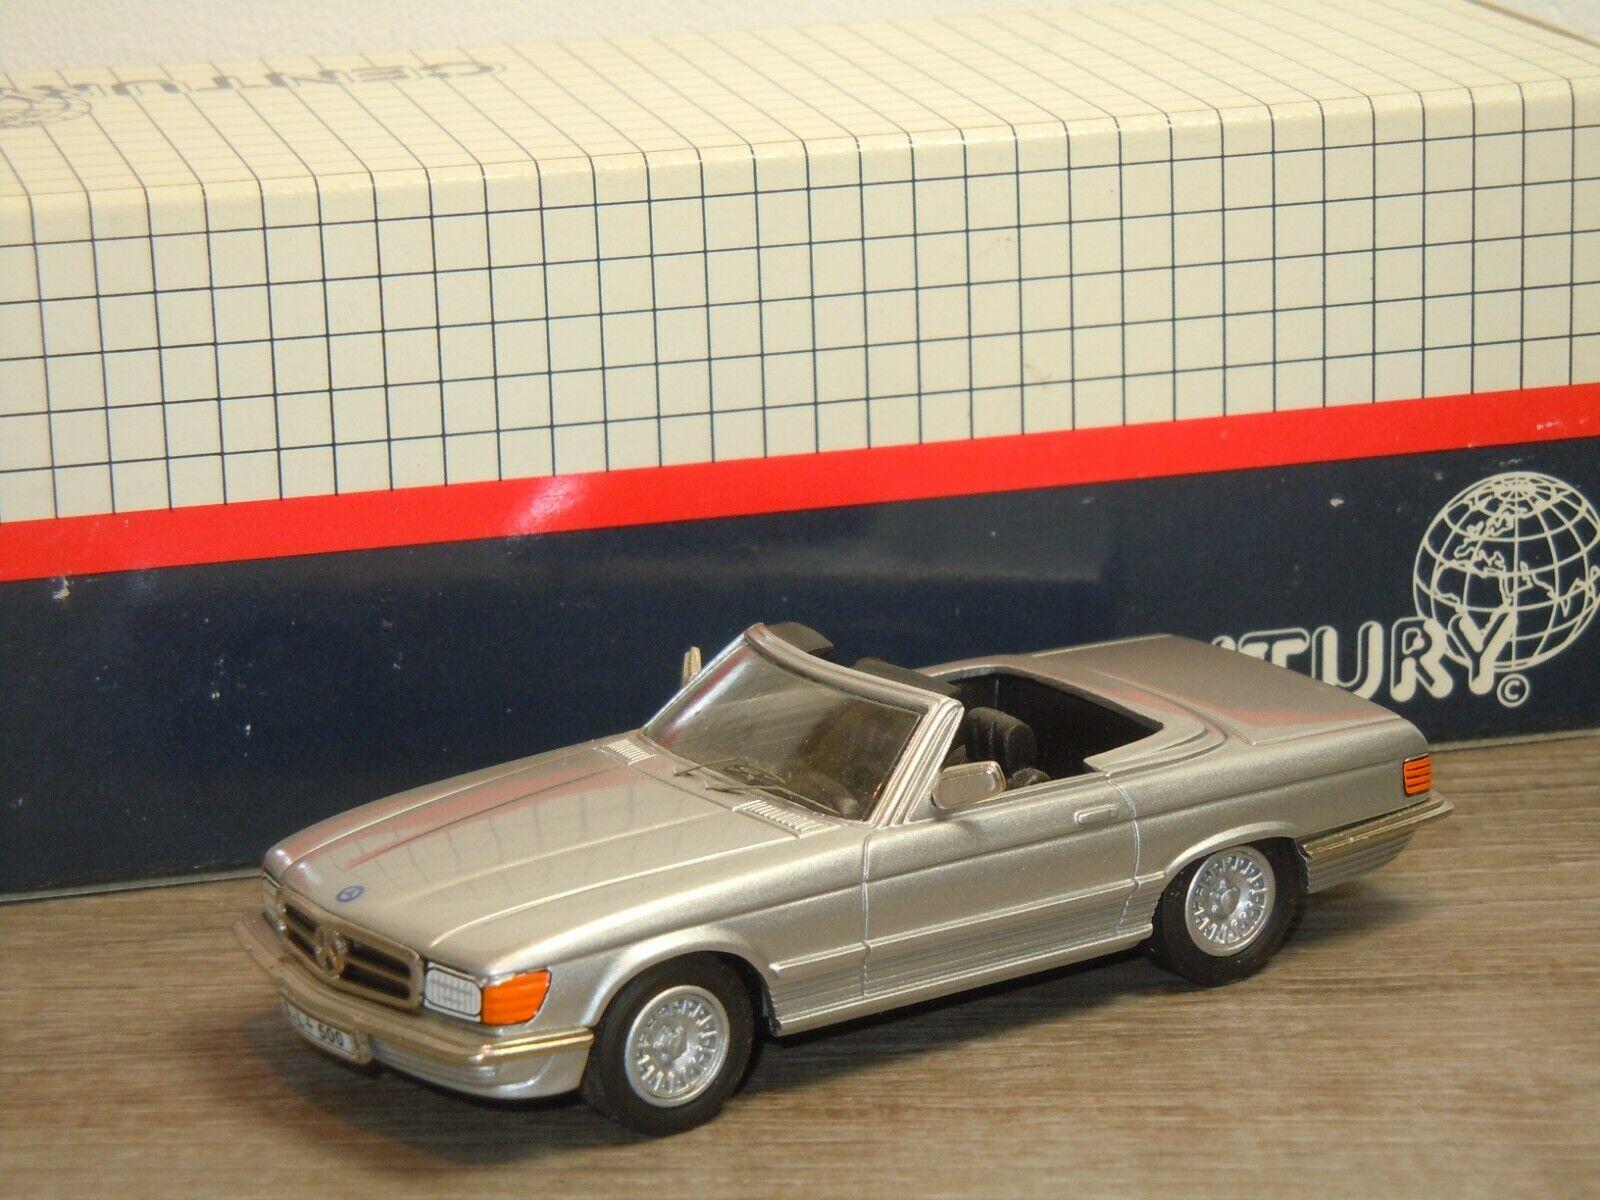 hasta un 50% de descuento Mercedes 500SL 1975 1975 1975 - Century 2700 - 1 43 in Box 39329  mejor oferta